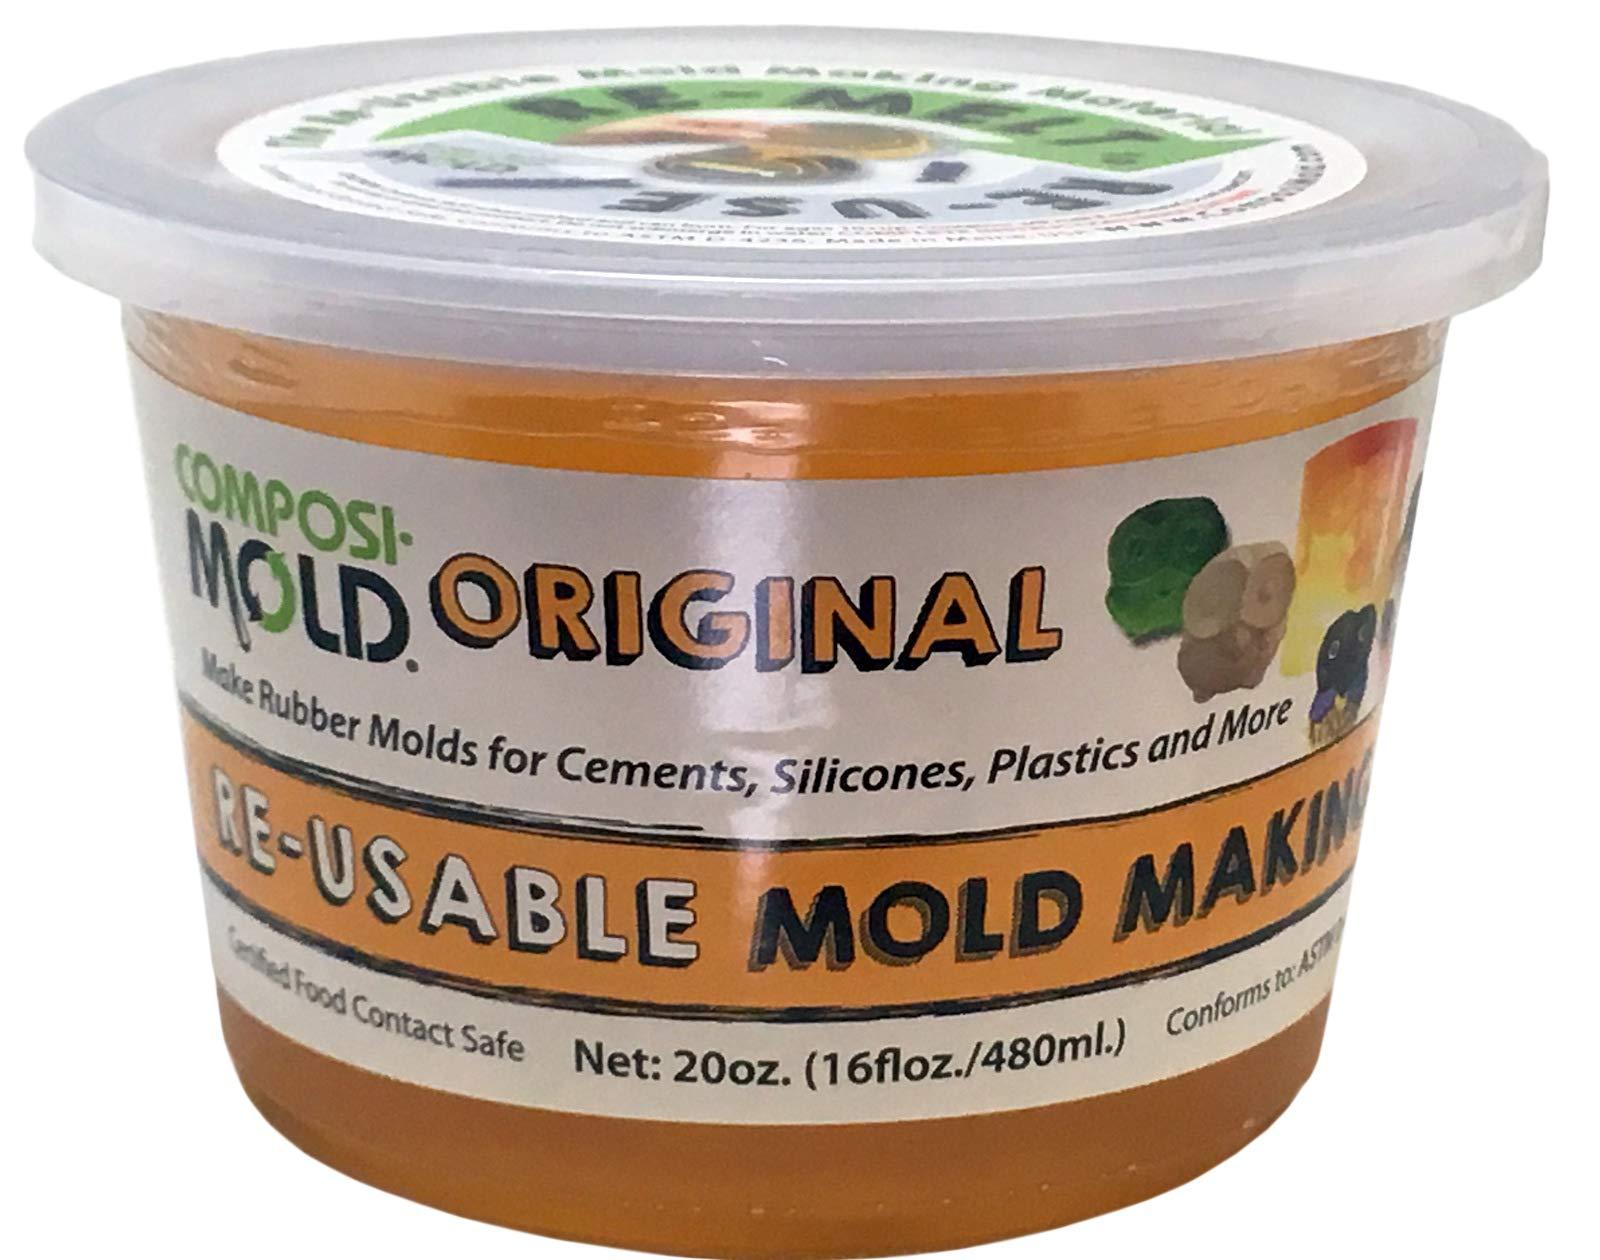 ComposiMold Original 20 Ounce Reusable Molding Material, Reheat To Reuse